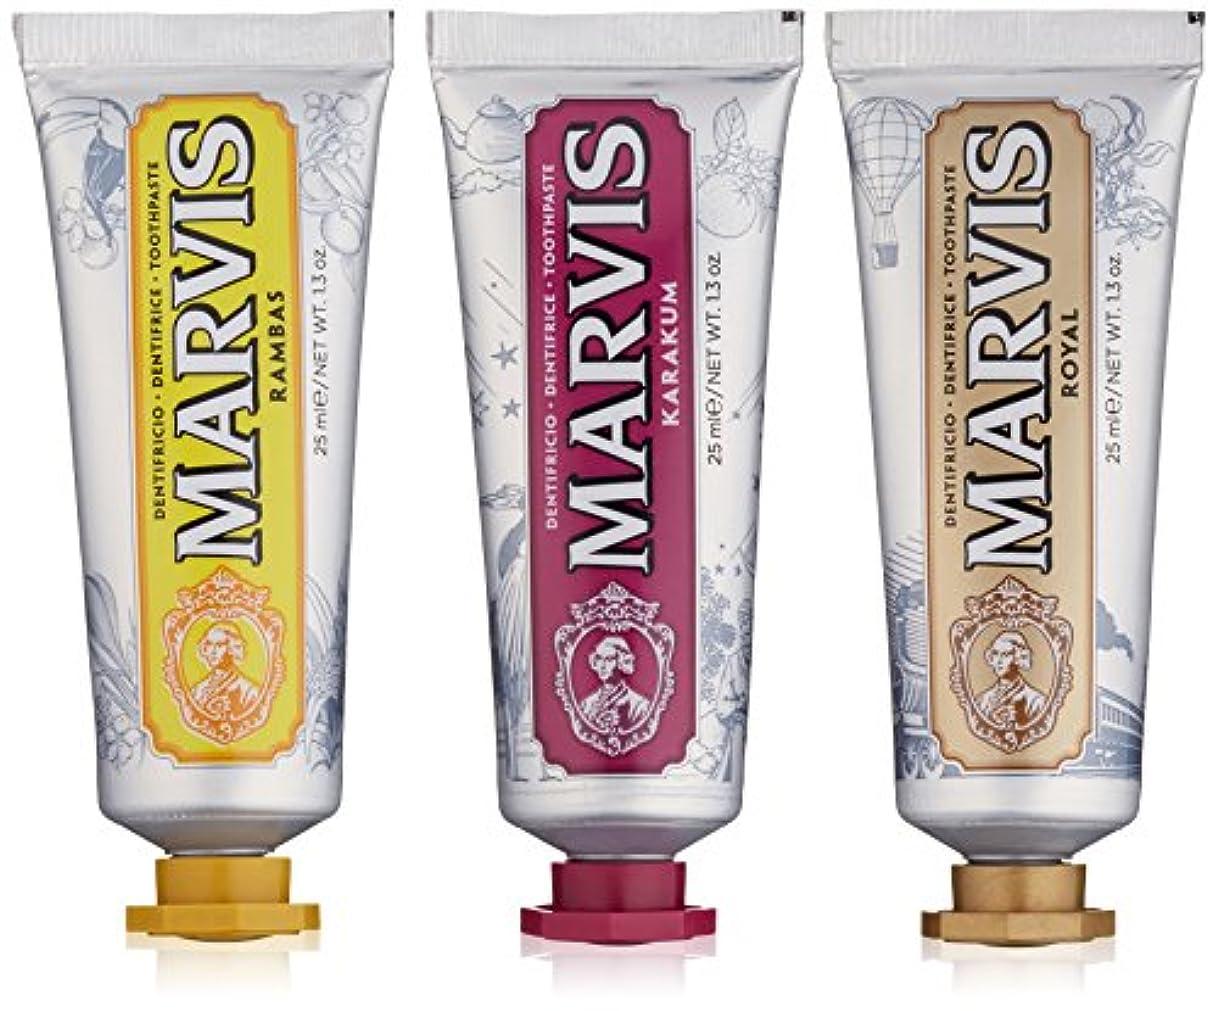 フェローシップ以来アンカーMARVIS(マービス) ワンダーズオブザワールド コレクション (歯みがき粉) 25ml x 3本